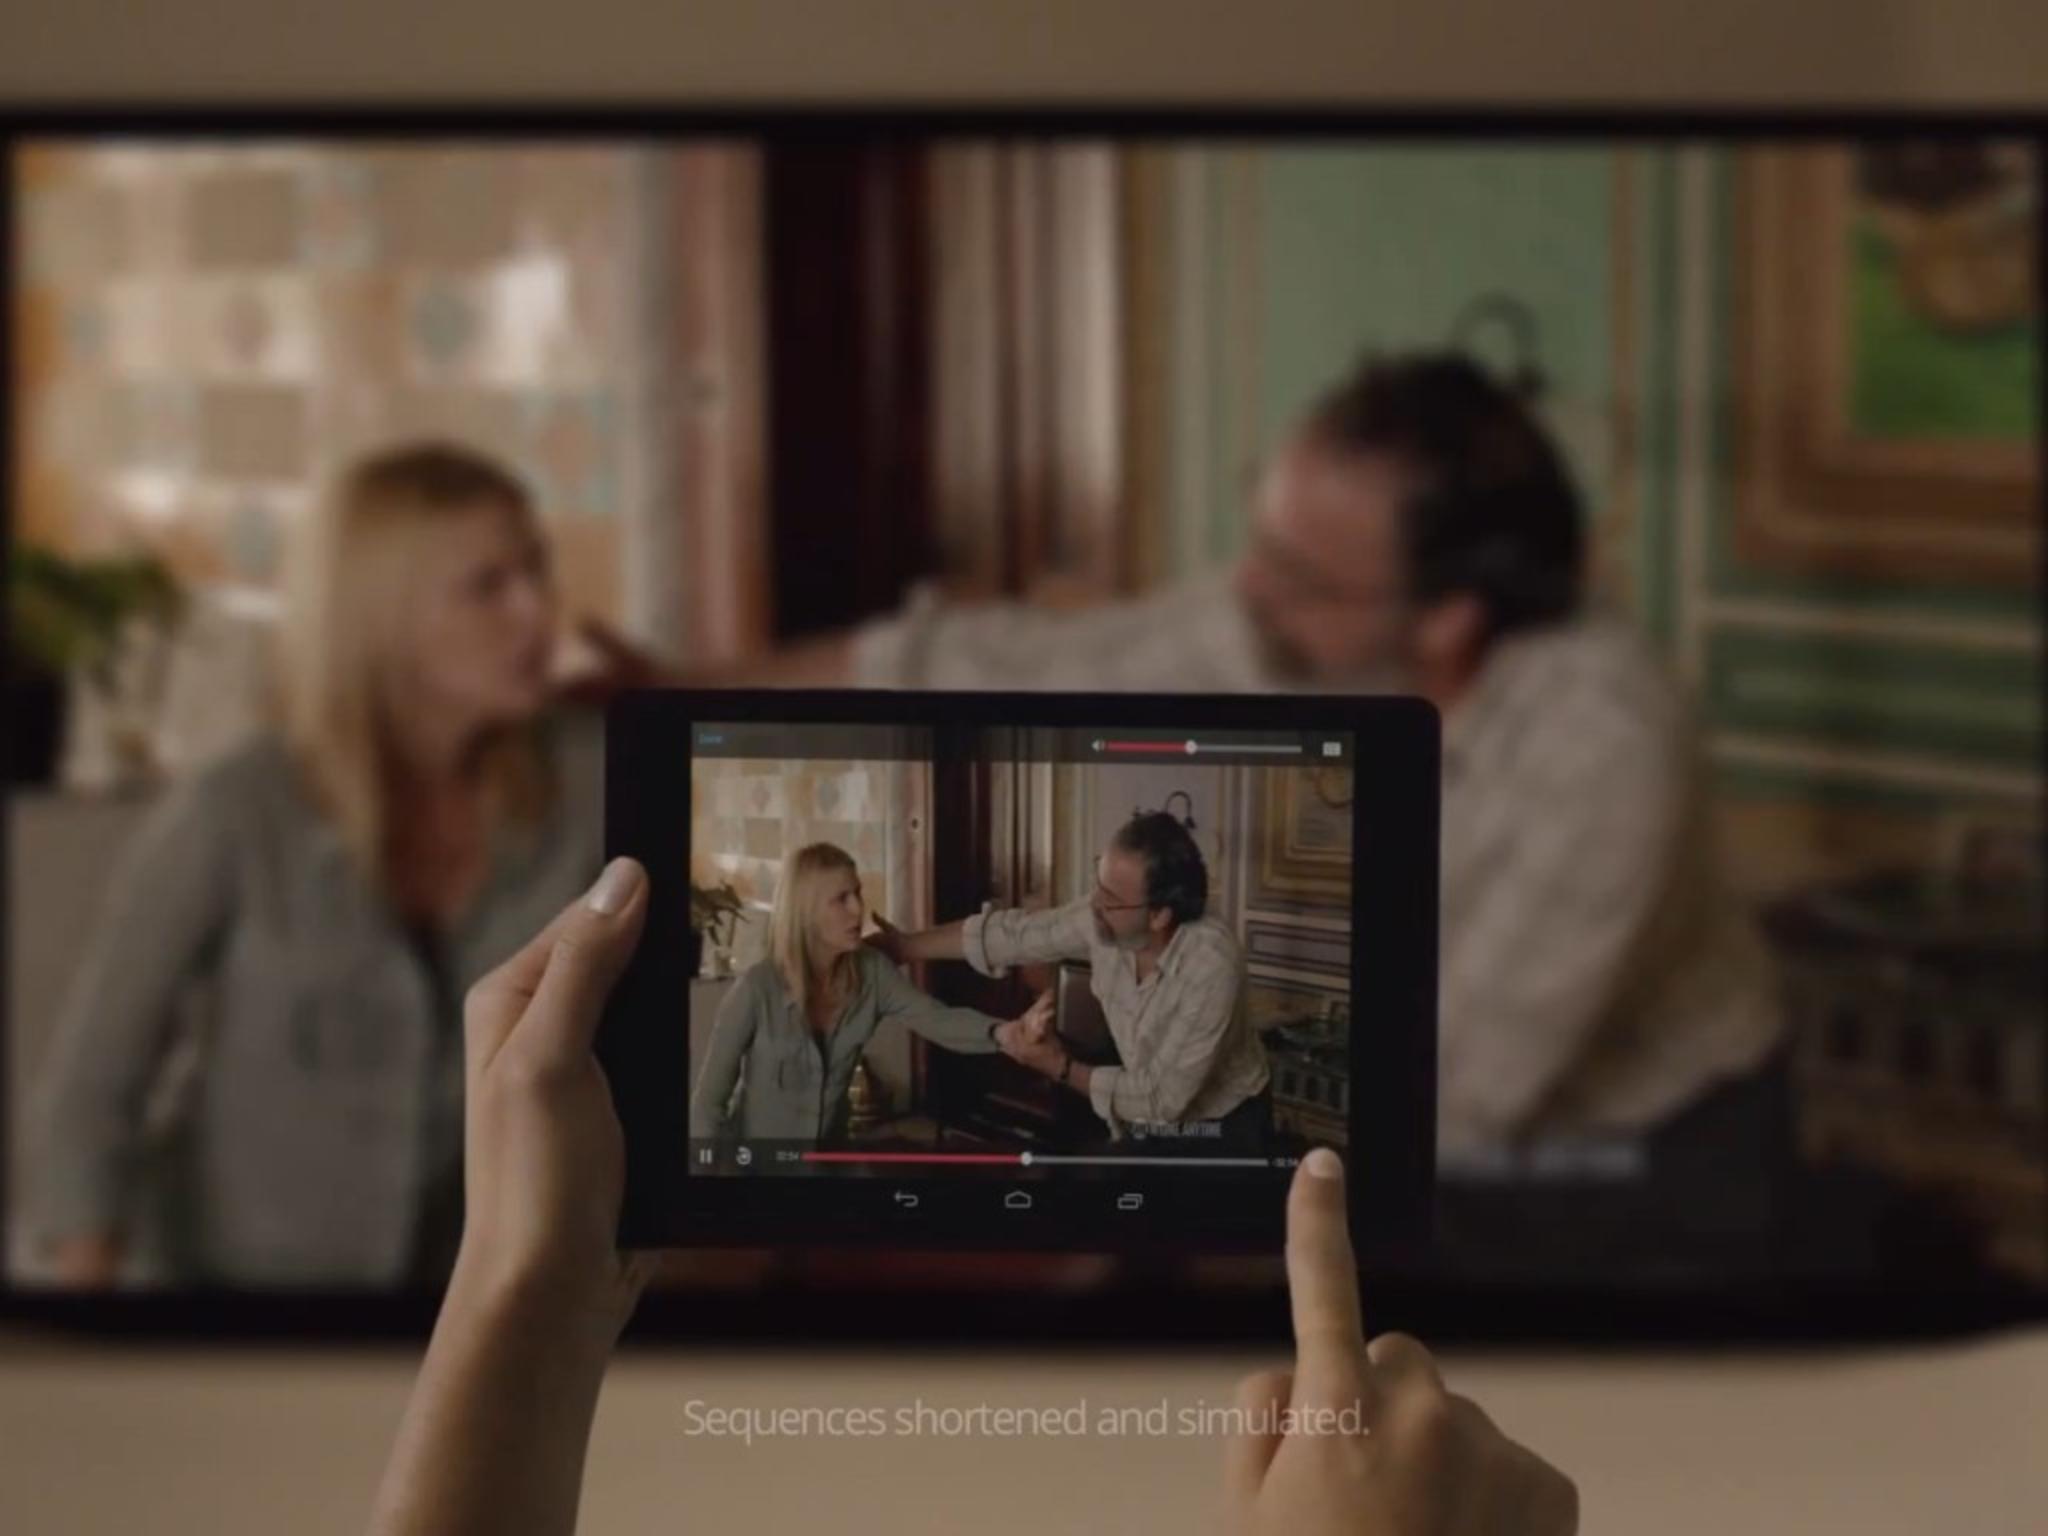 Per Klick aufs Tablet streamt der Google Chromecast Serien, Spiele und Filme auf den Fernseher.